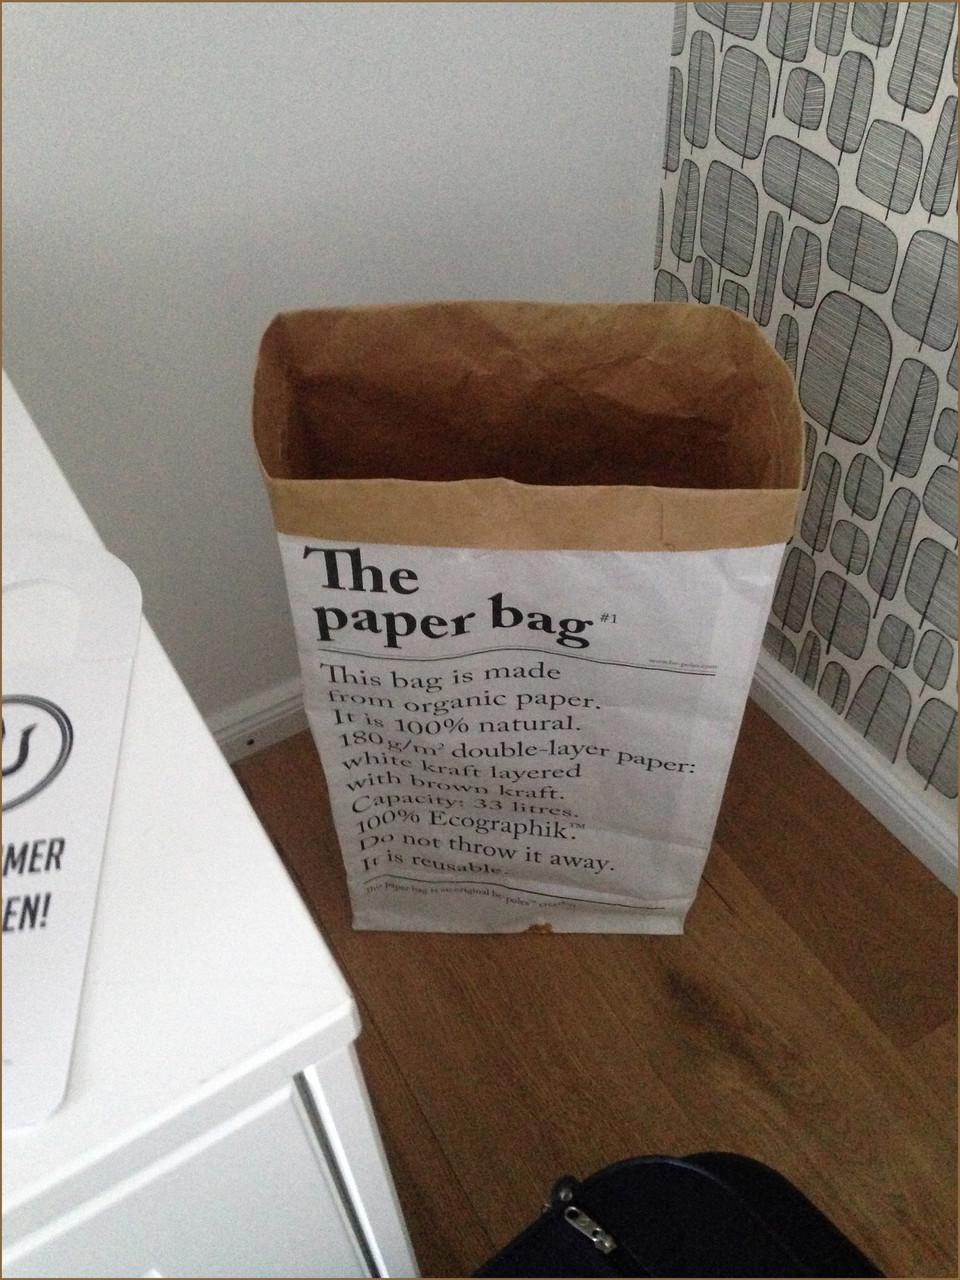 Eine edle Form der Papierkorbvariante